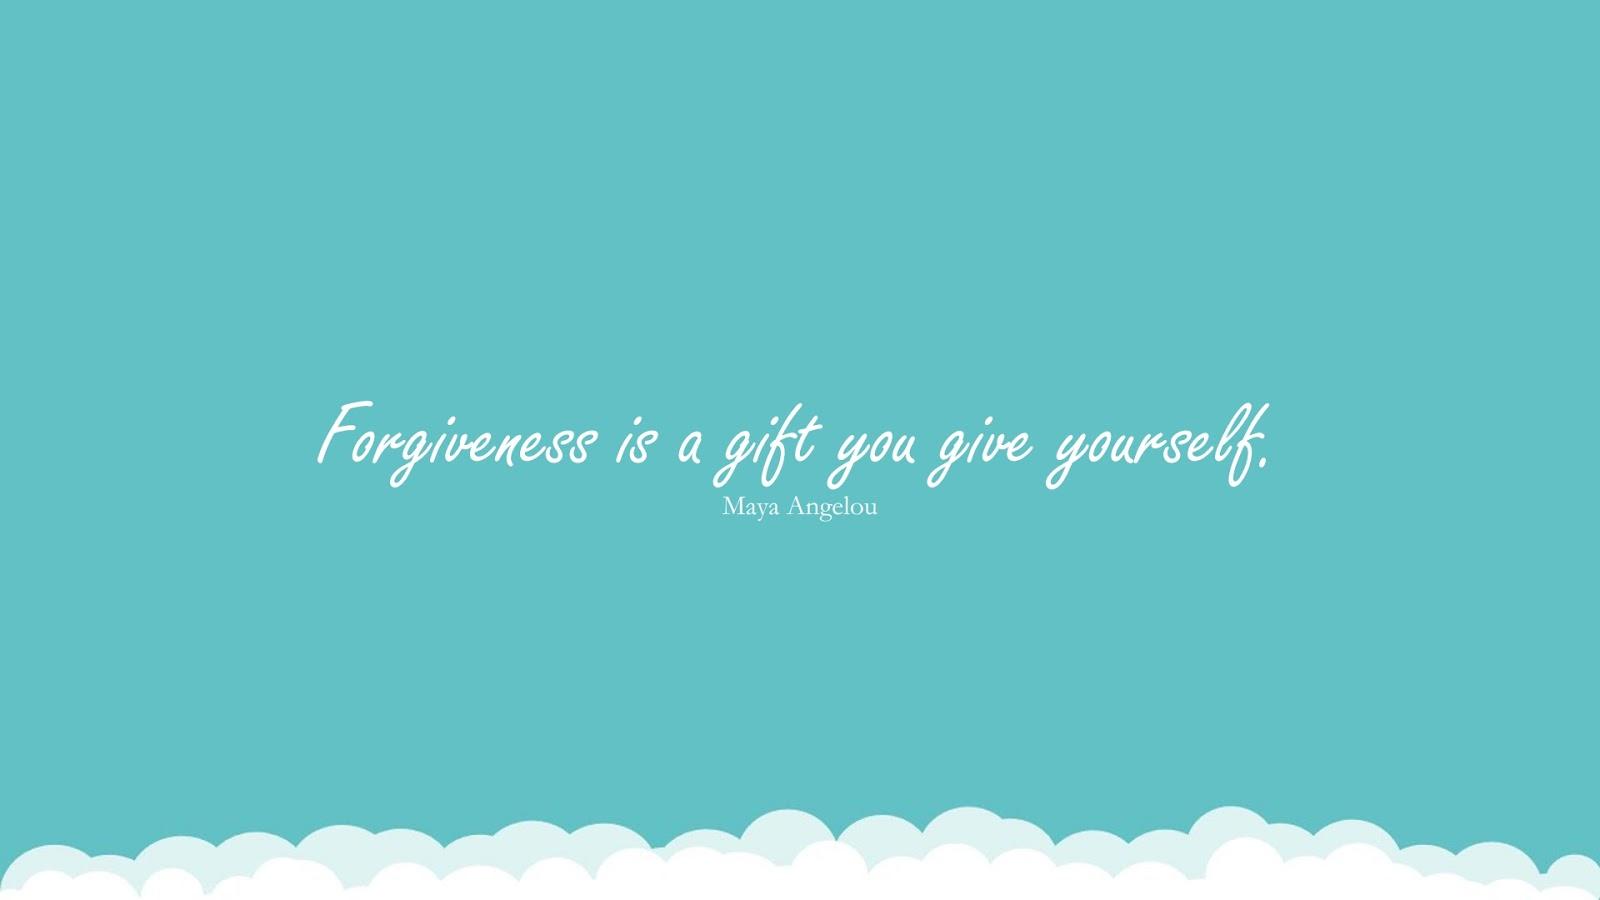 Forgiveness is a gift you give yourself. (Maya Angelou);  #MayaAngelouQuotesandSayings